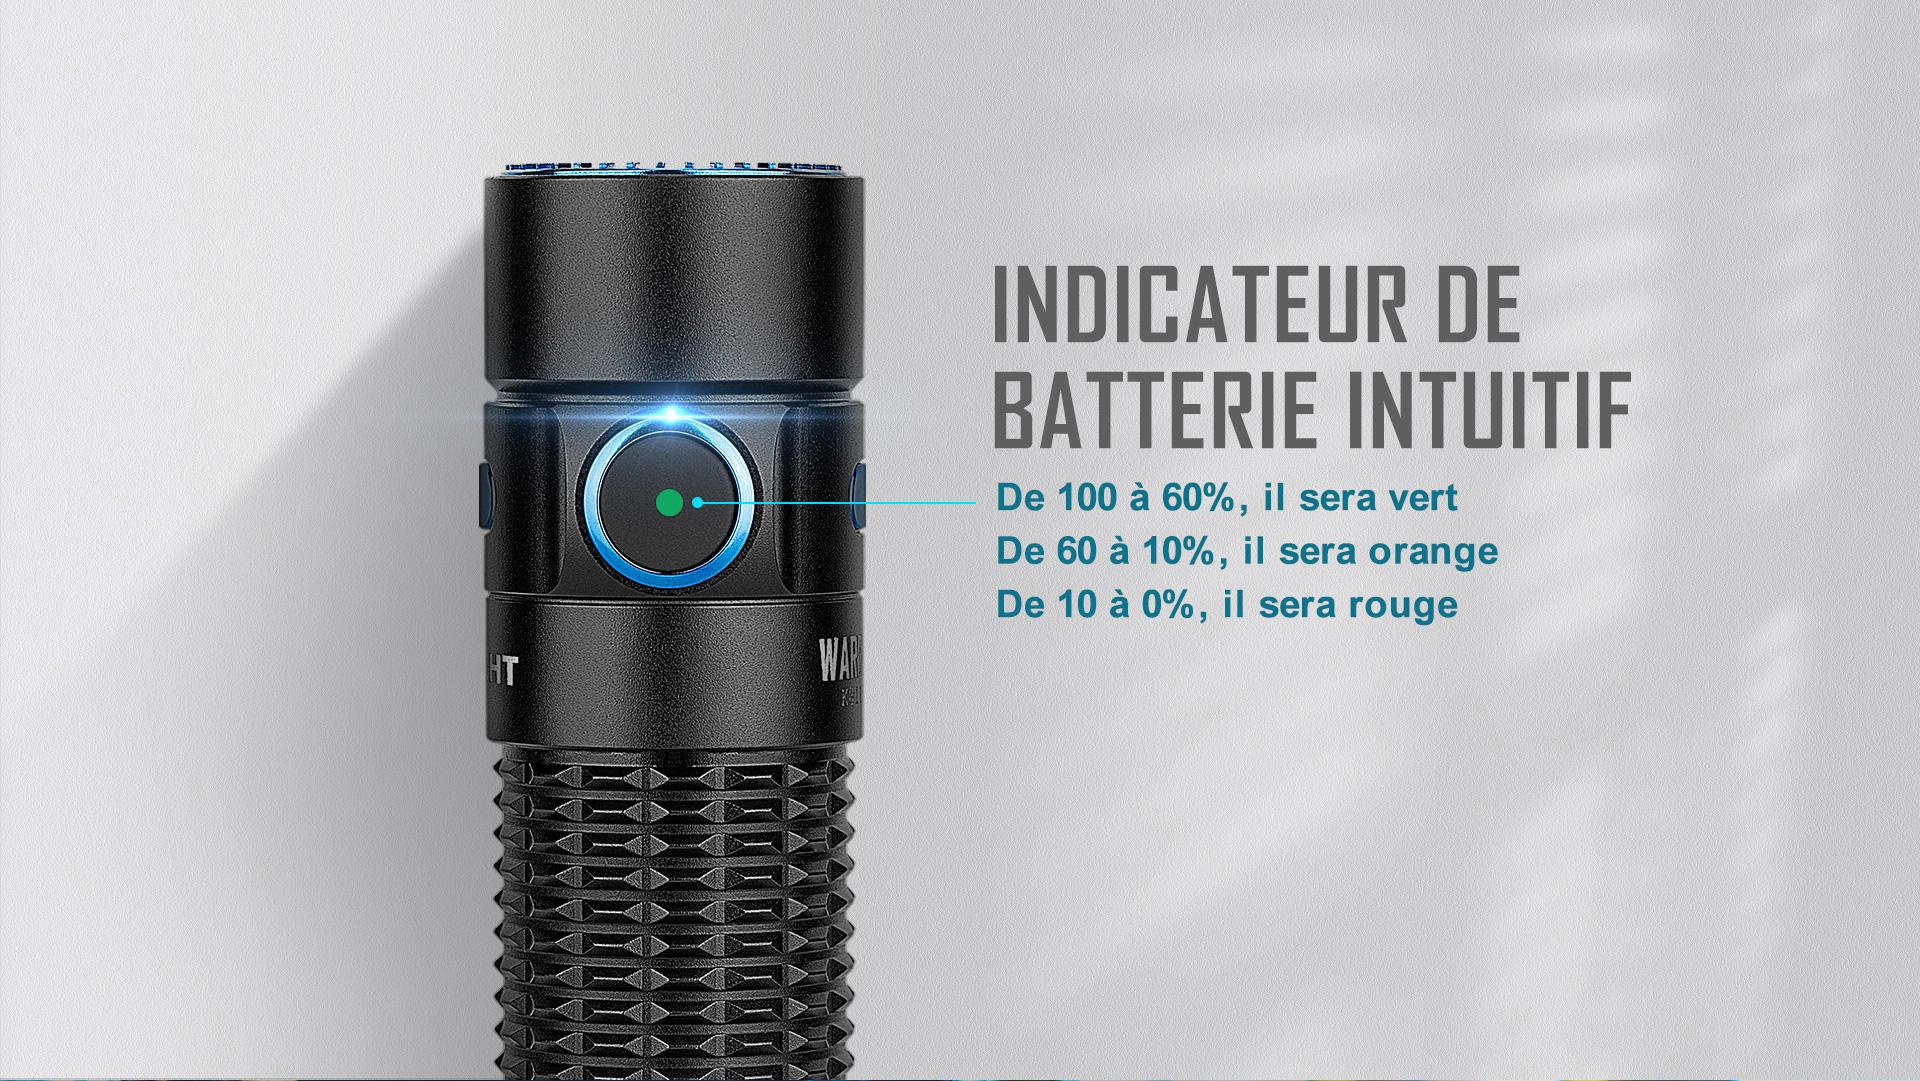 La lampe de poche tactique a un indicateur de batterie